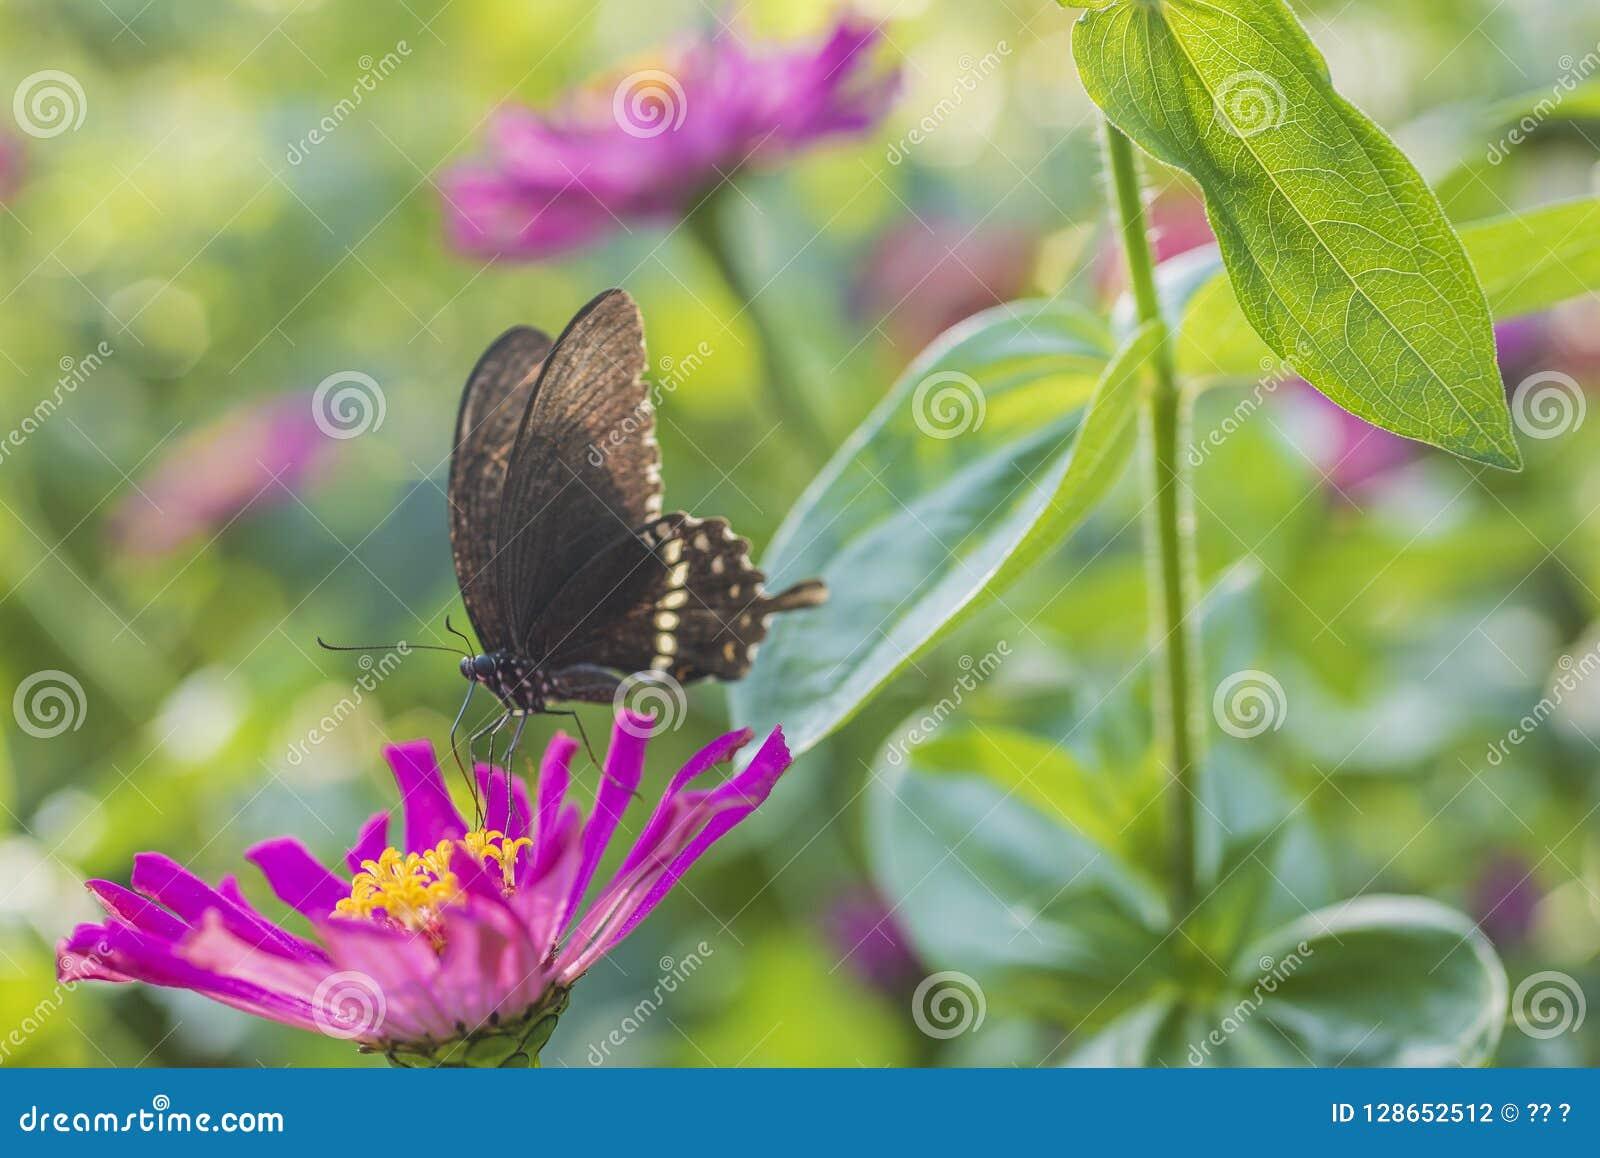 Tiro macro, uma borboleta preta em uma flor vermelha pequena